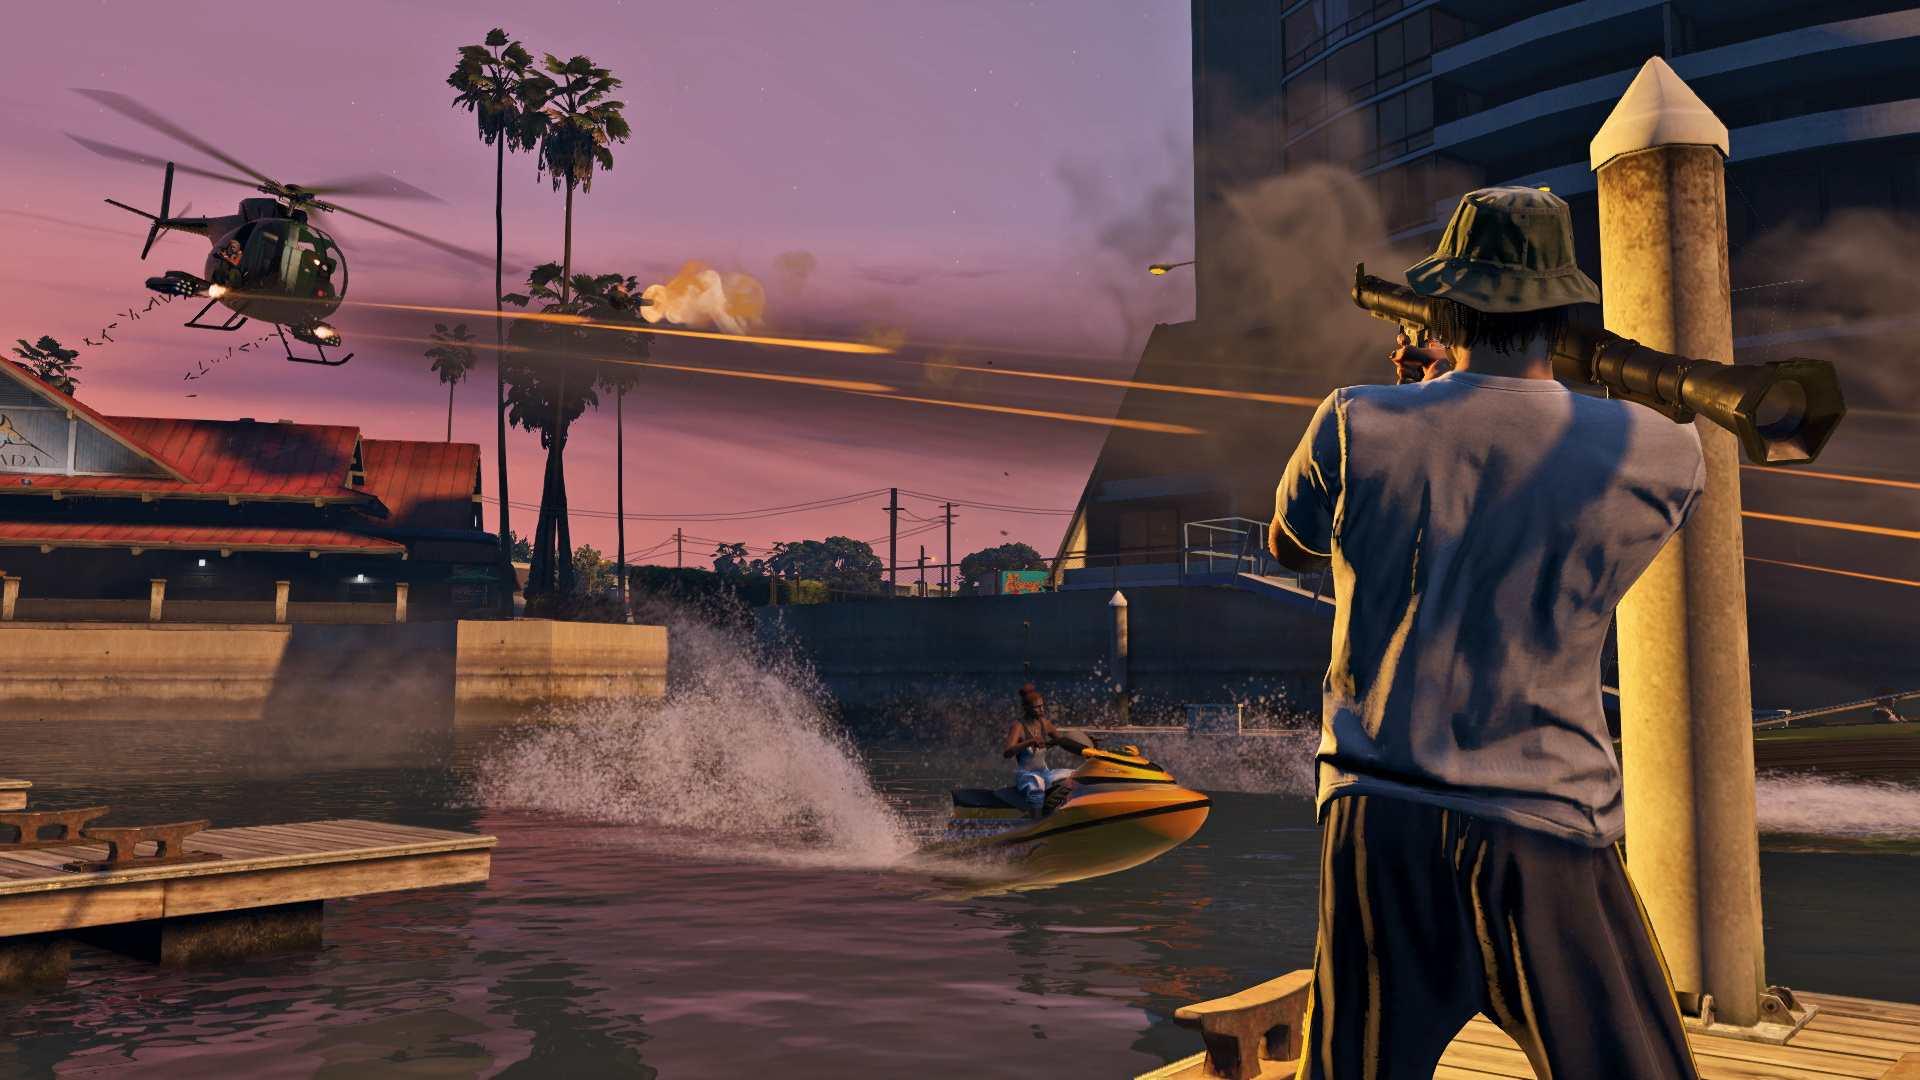 Grand Theft Auto gta Online videogiochi